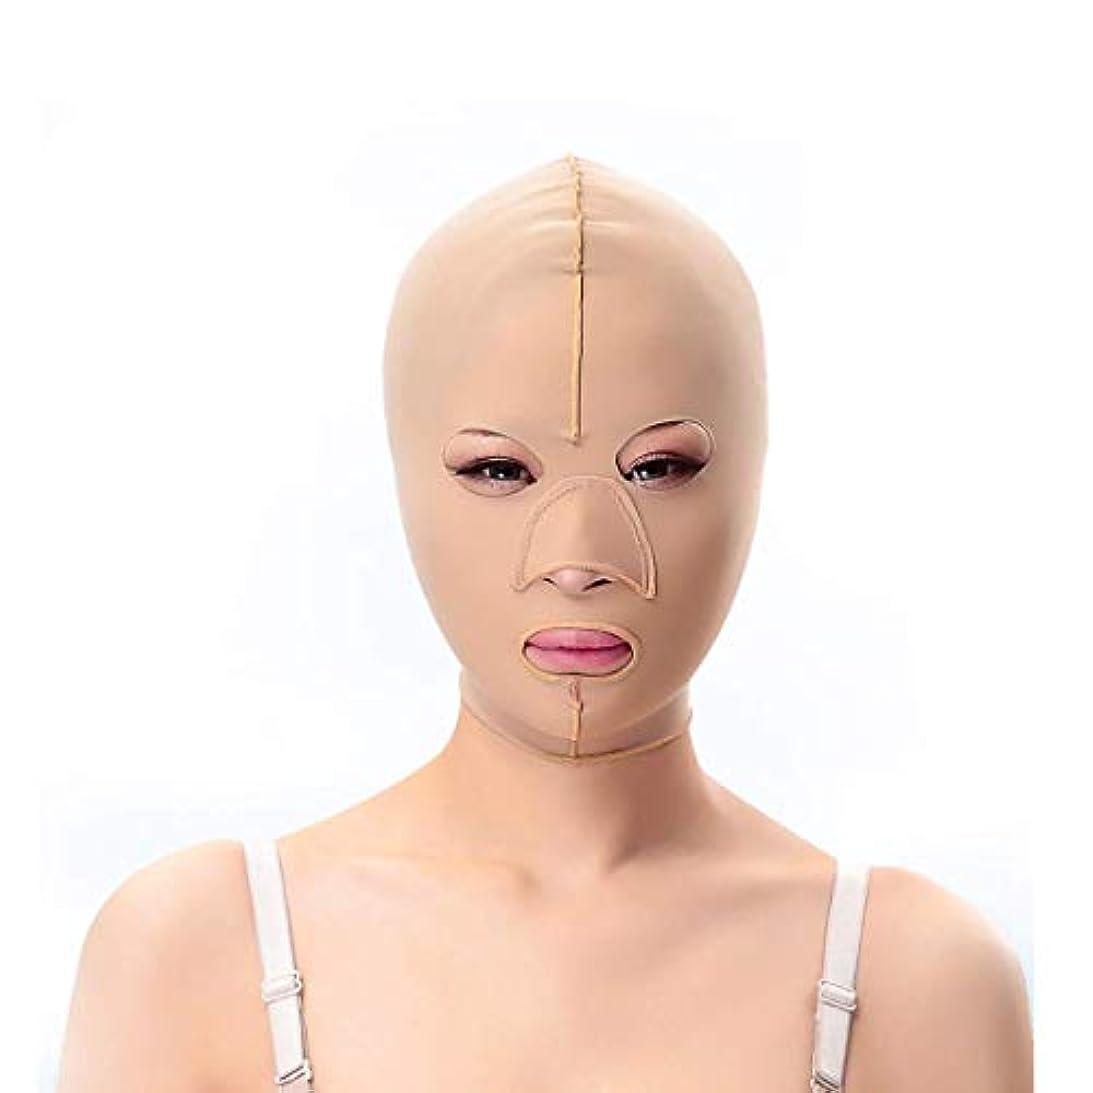 シャツパノラマ窒素スリミングベルト、二重あごの引き締め顔のプラスチックフェイスアーティファクト強力なフェイス包帯を脇に持ち上げるパターンを欺くためのフェイシャルマスクシンフェイスマスク(サイズ:L),ザ?